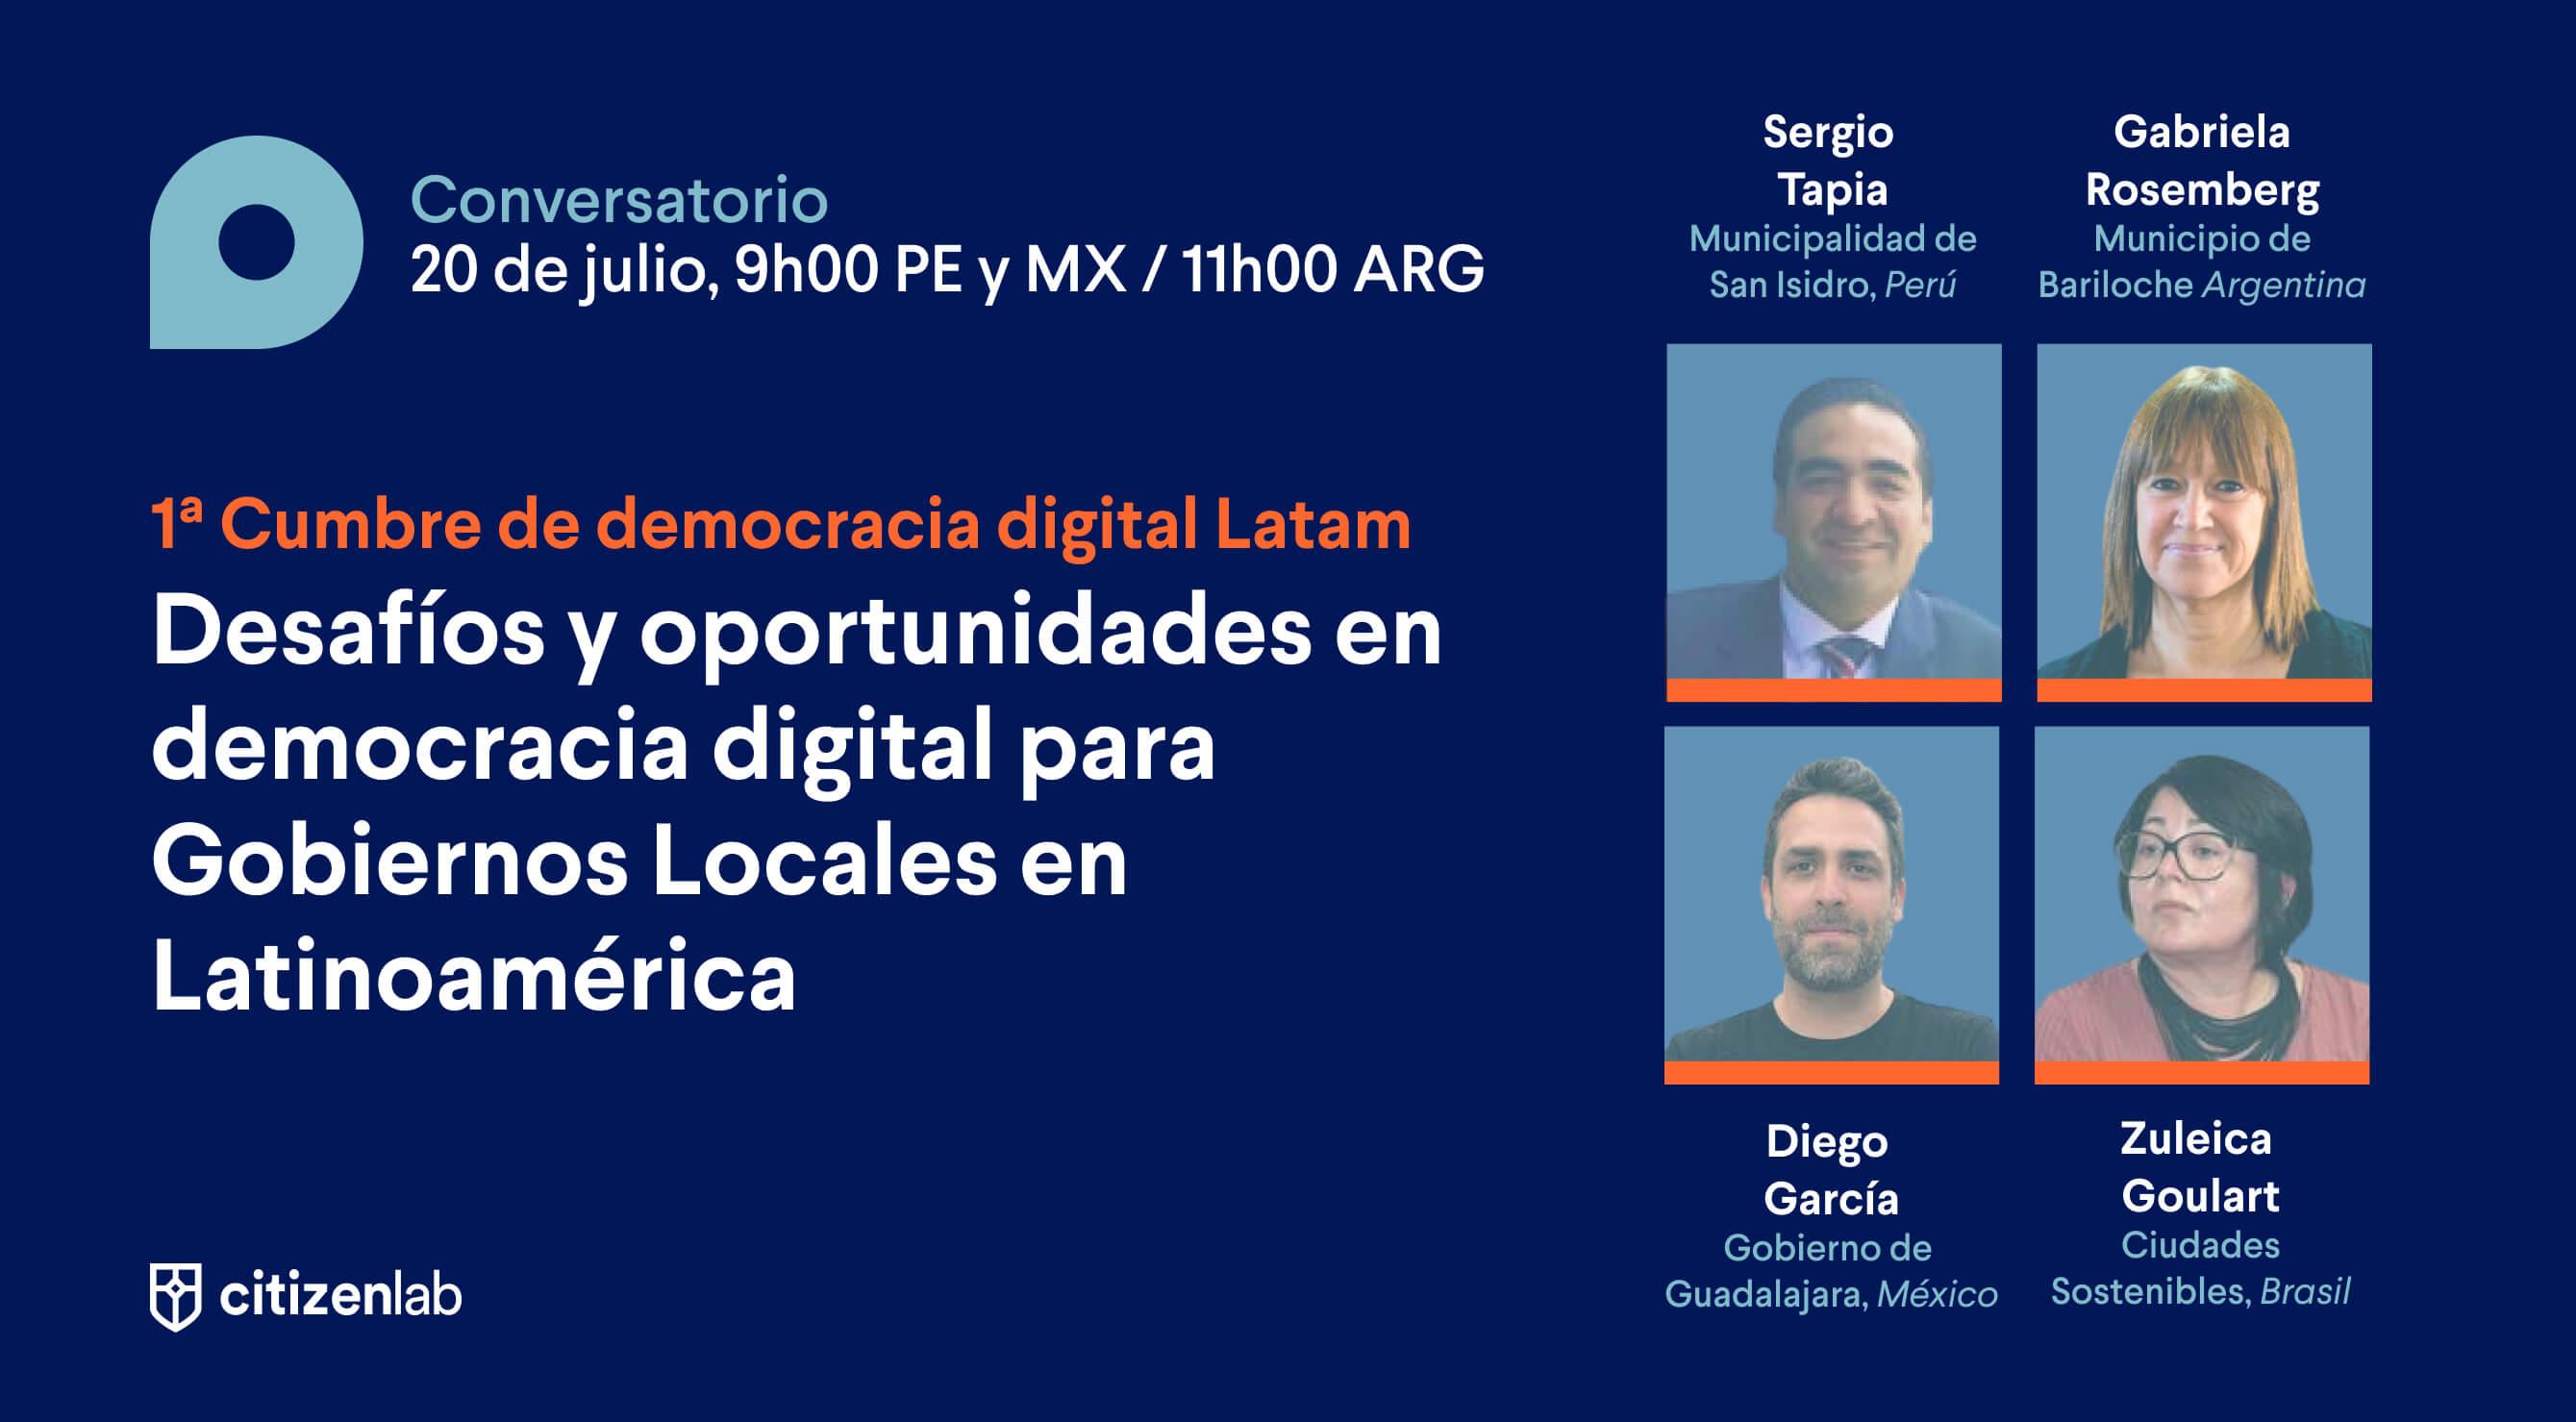 oportunidades y desafios de la participation ciudadana digital